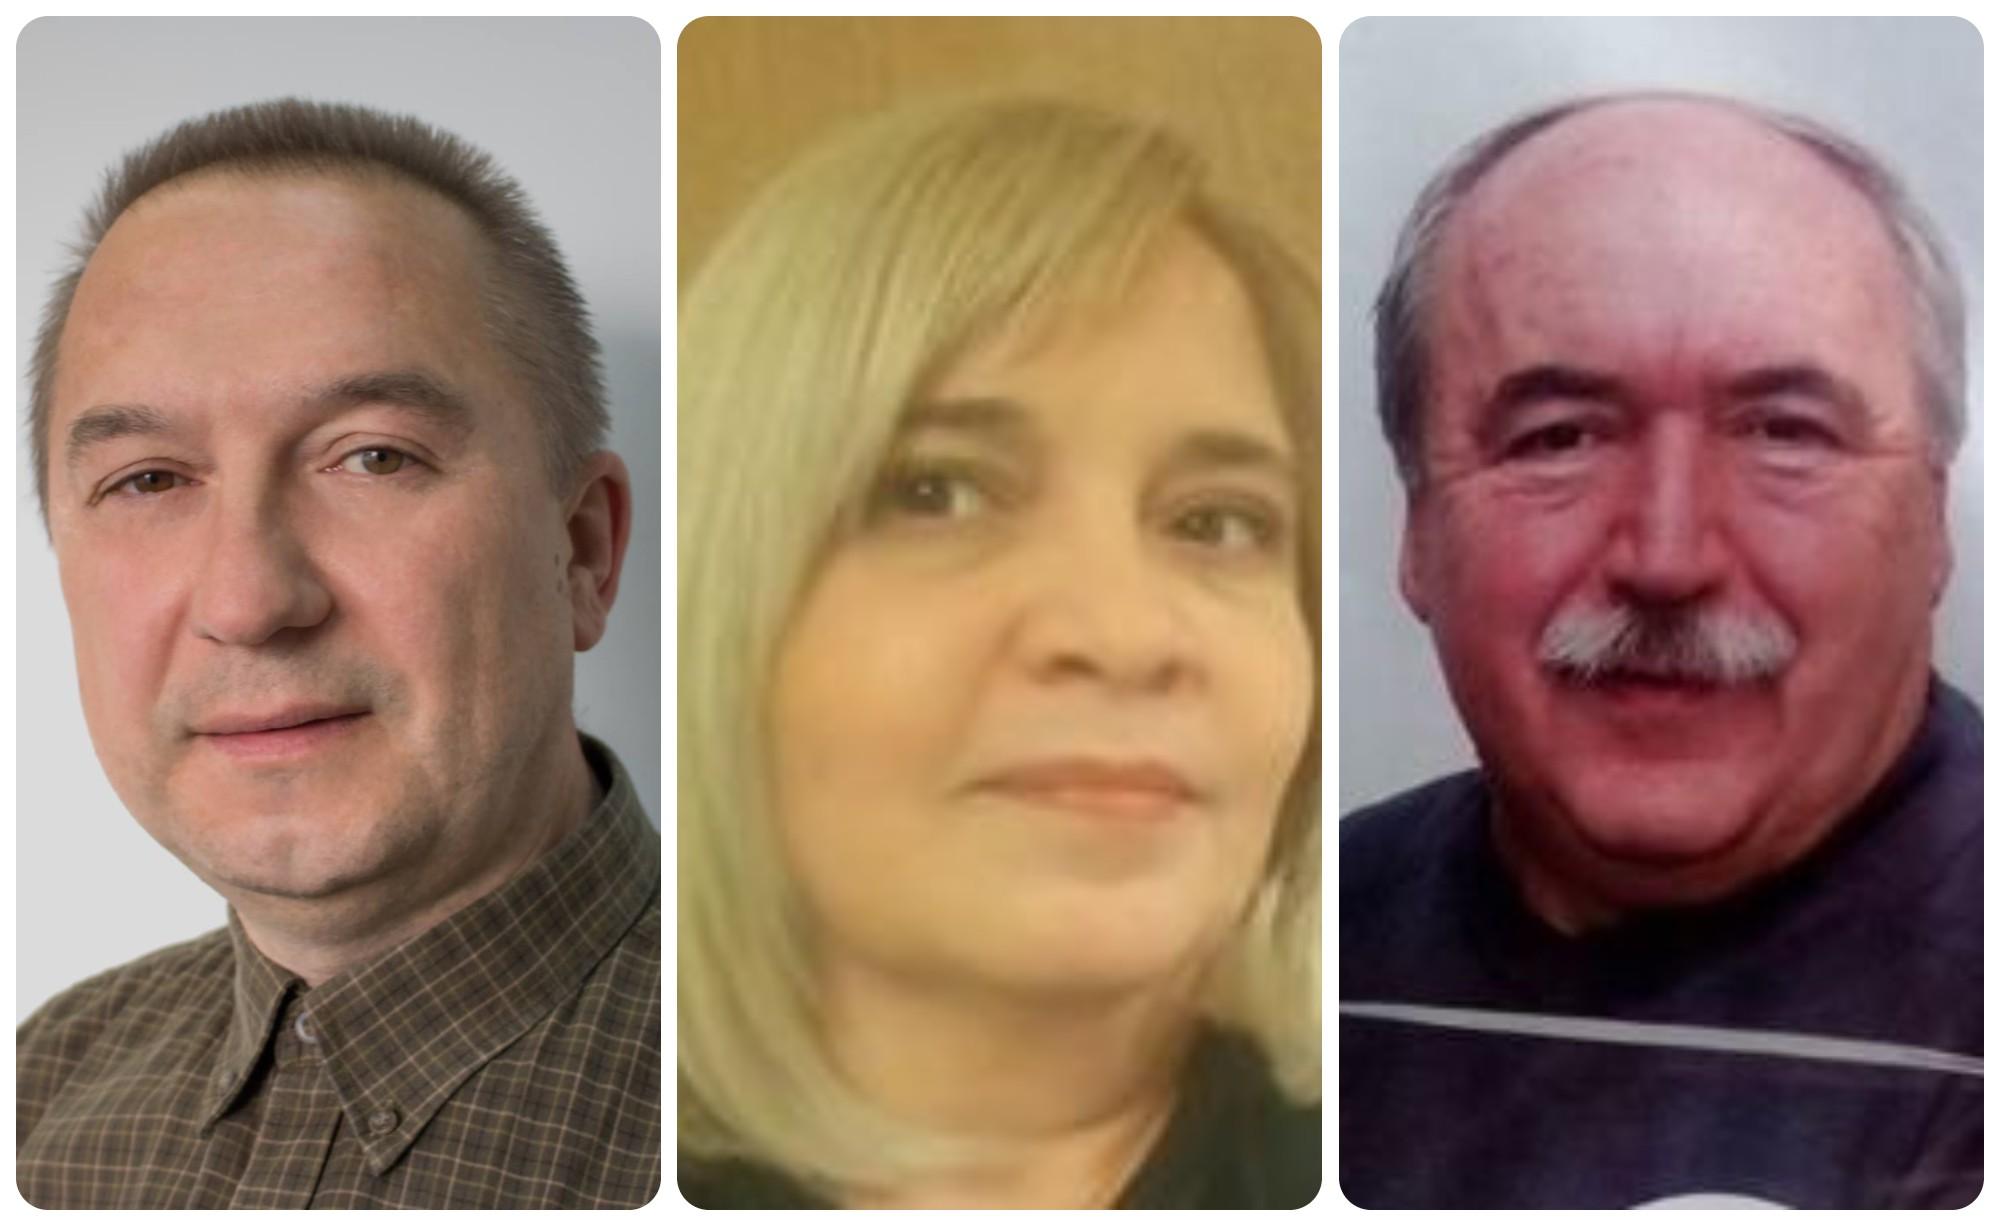 Nakon skandalozne sjednice, raspušteno vodstvo bjelovarske organizacije